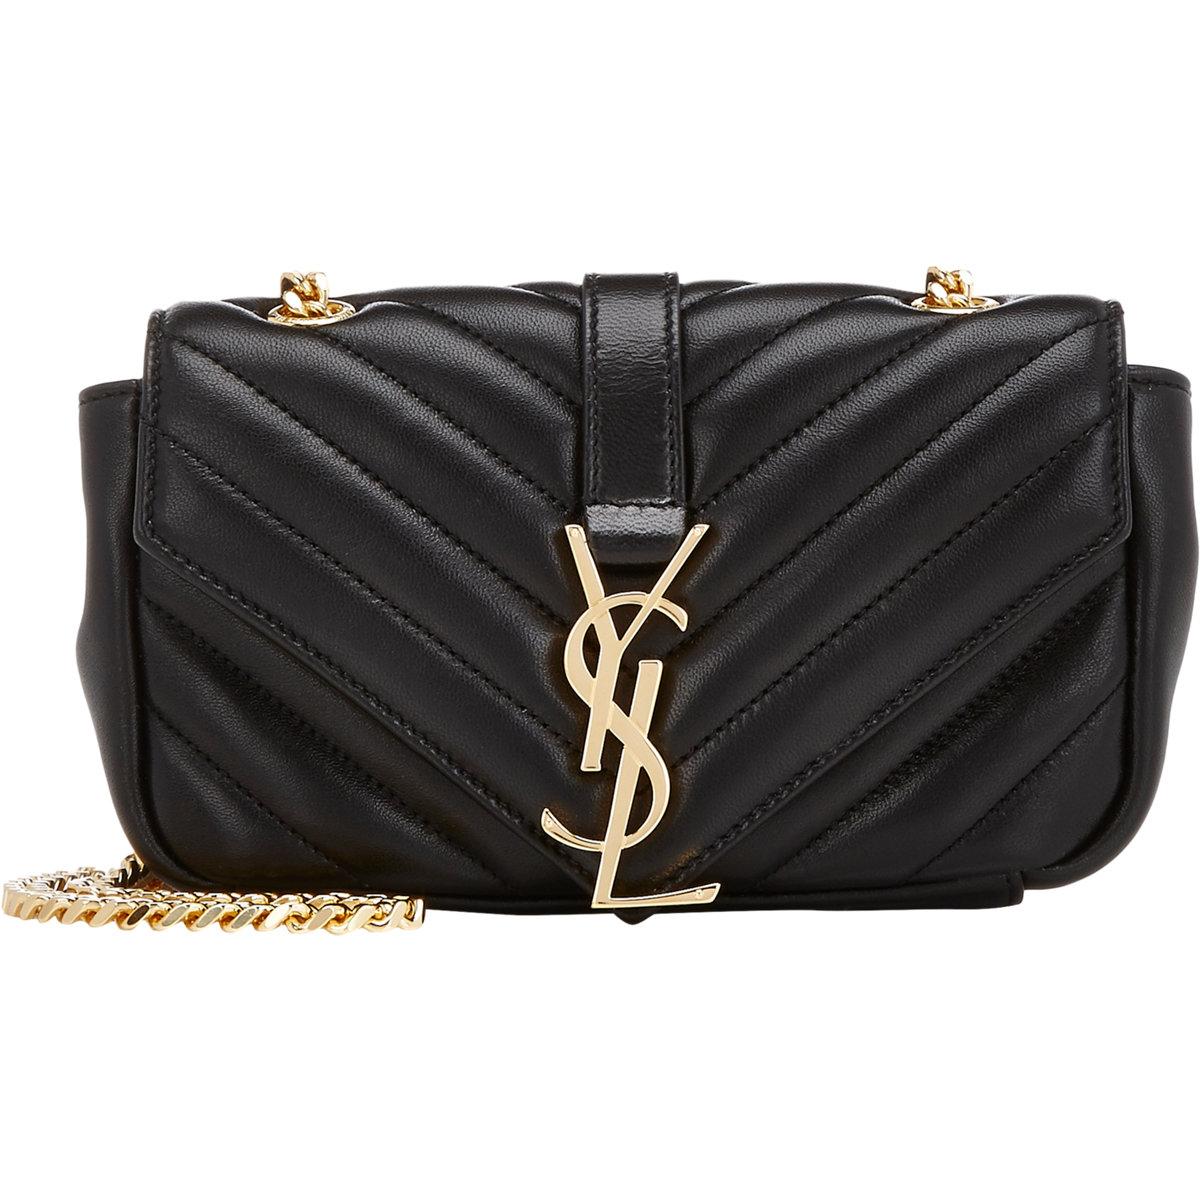 35a4d131e86b Saint Laurent Monogramme Baby Shoulder Bag in Black - Lyst